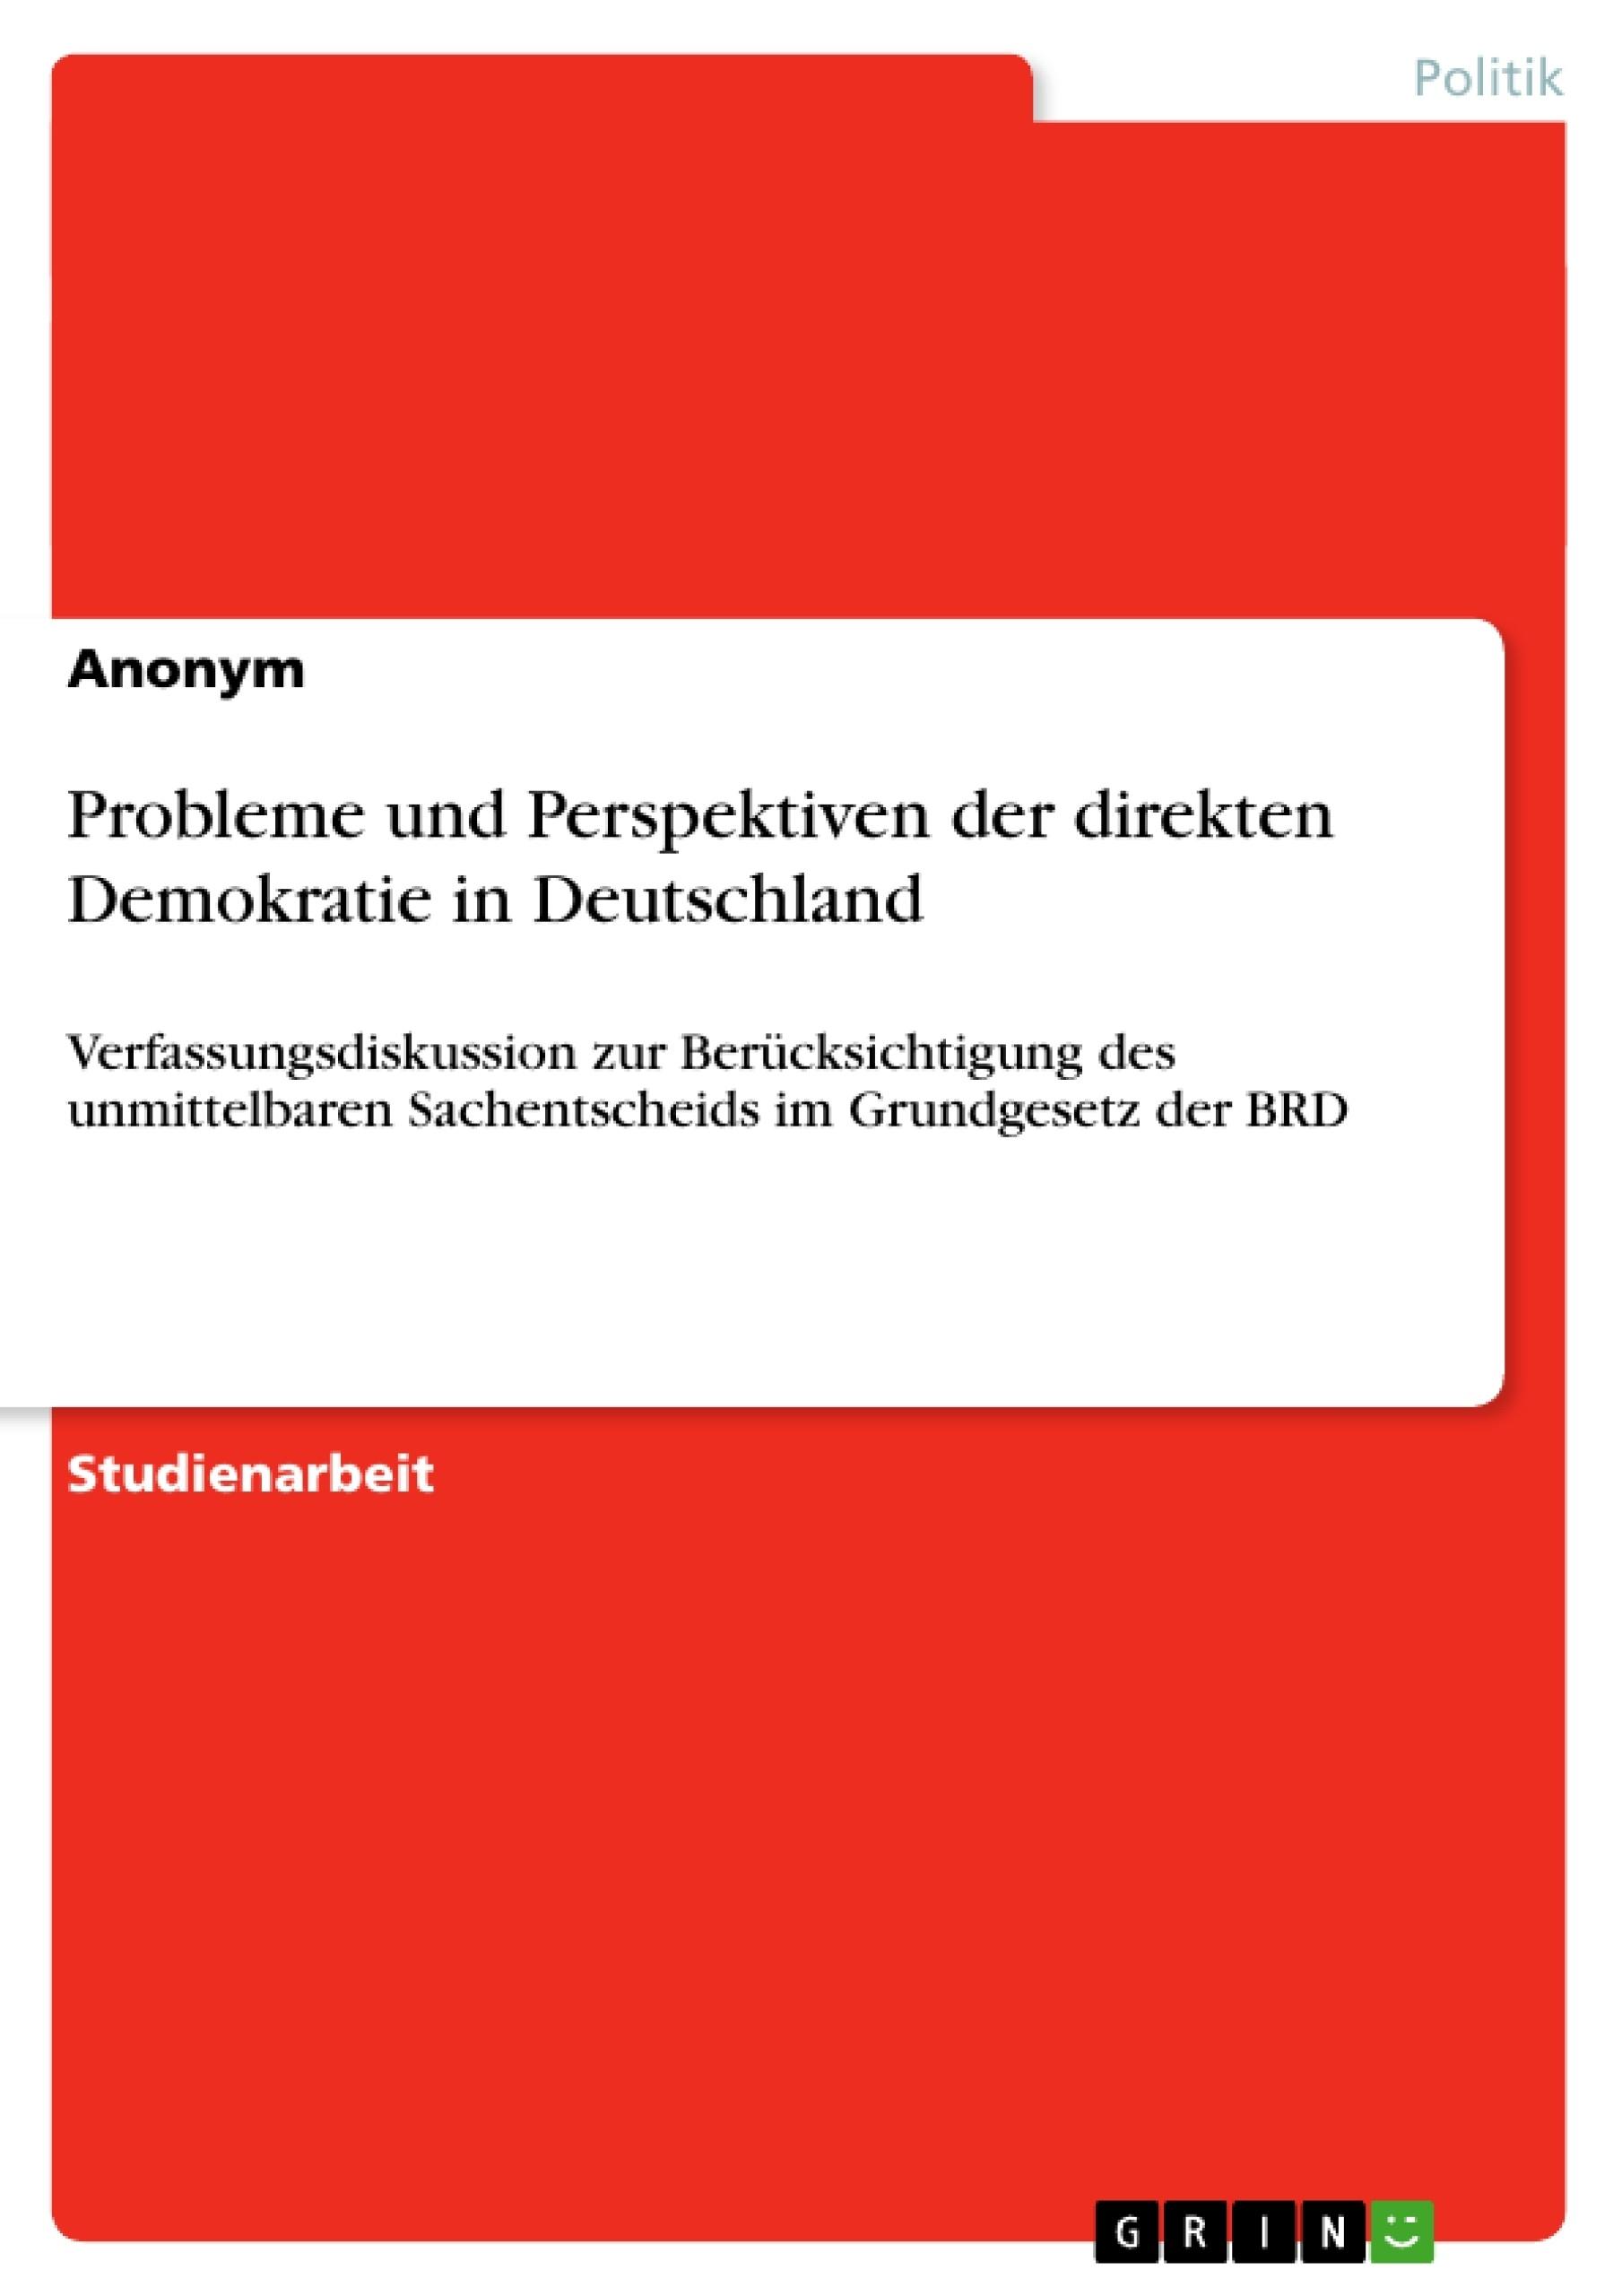 Titel: Probleme und Perspektiven der direkten Demokratie in Deutschland